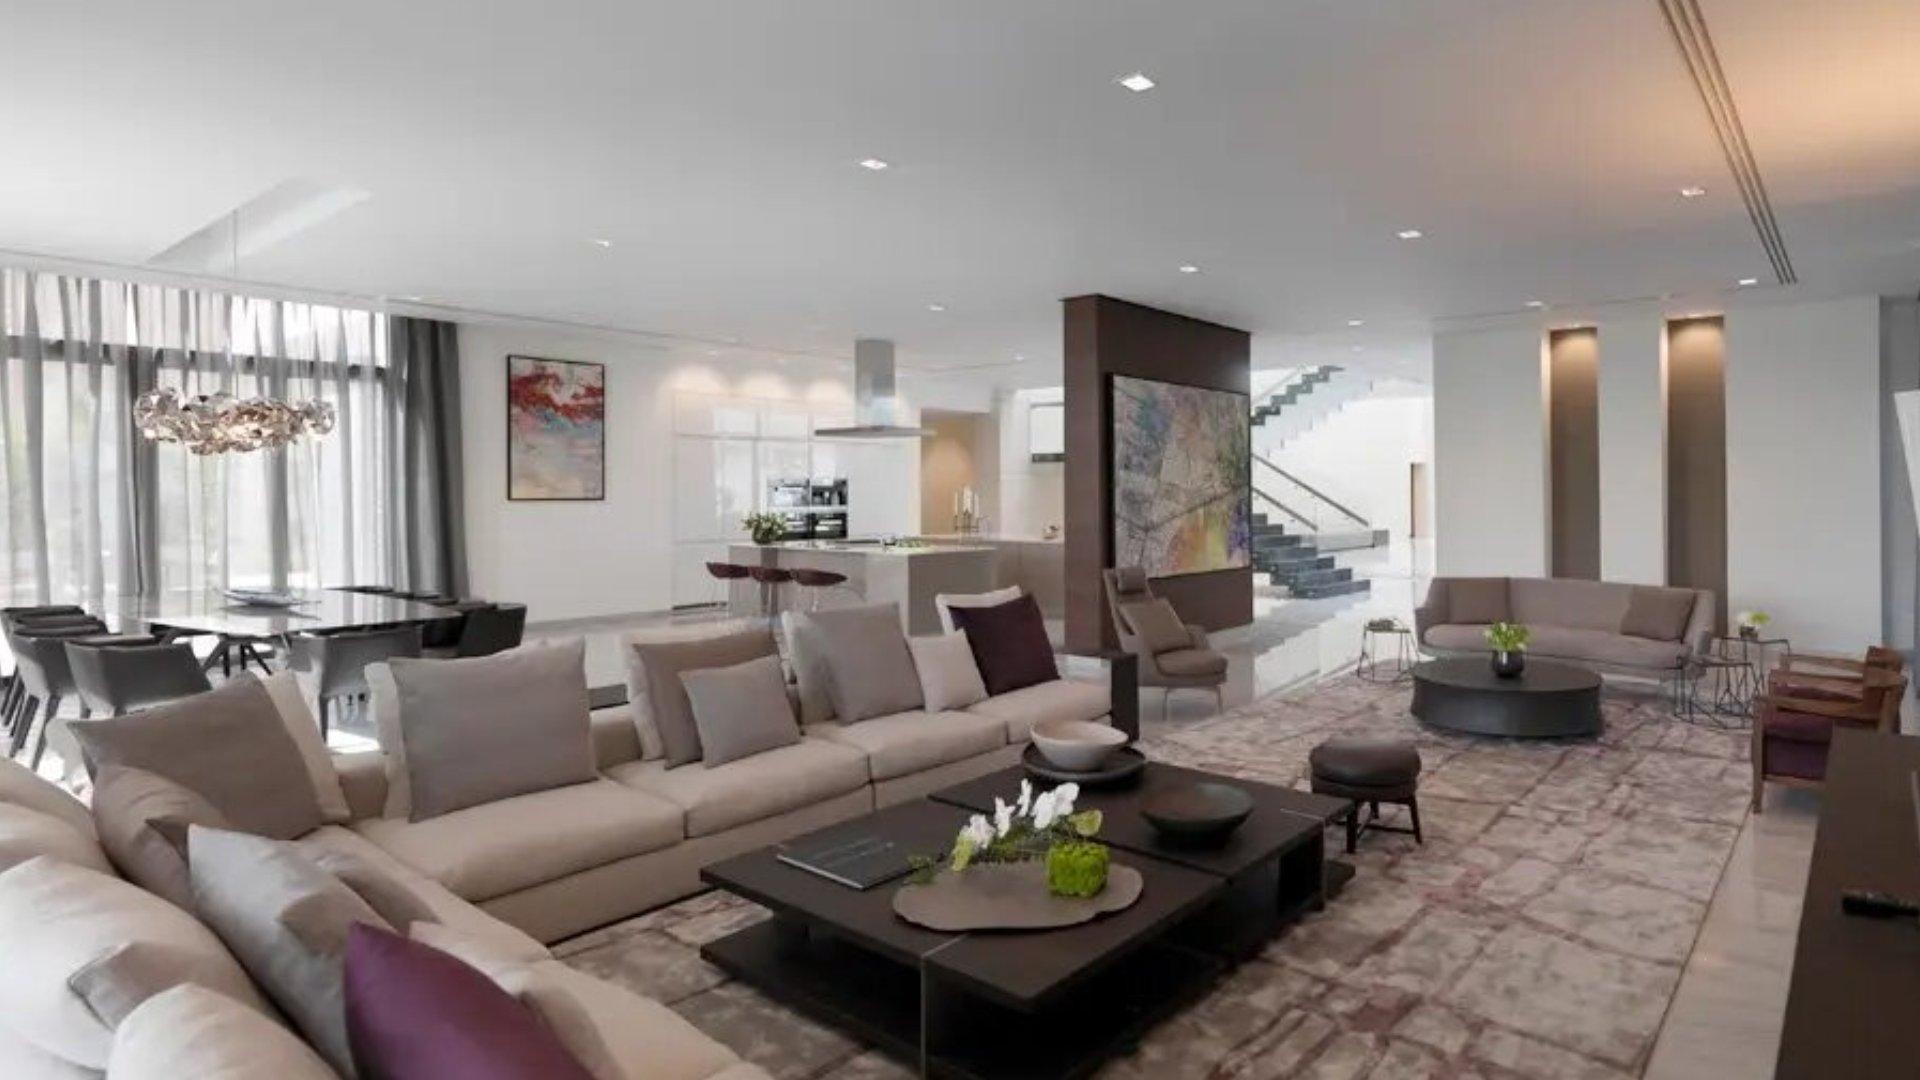 Villa en venta en Dubai, EAU, 7 dormitorios, 1560 m2, № 24432 – foto 1